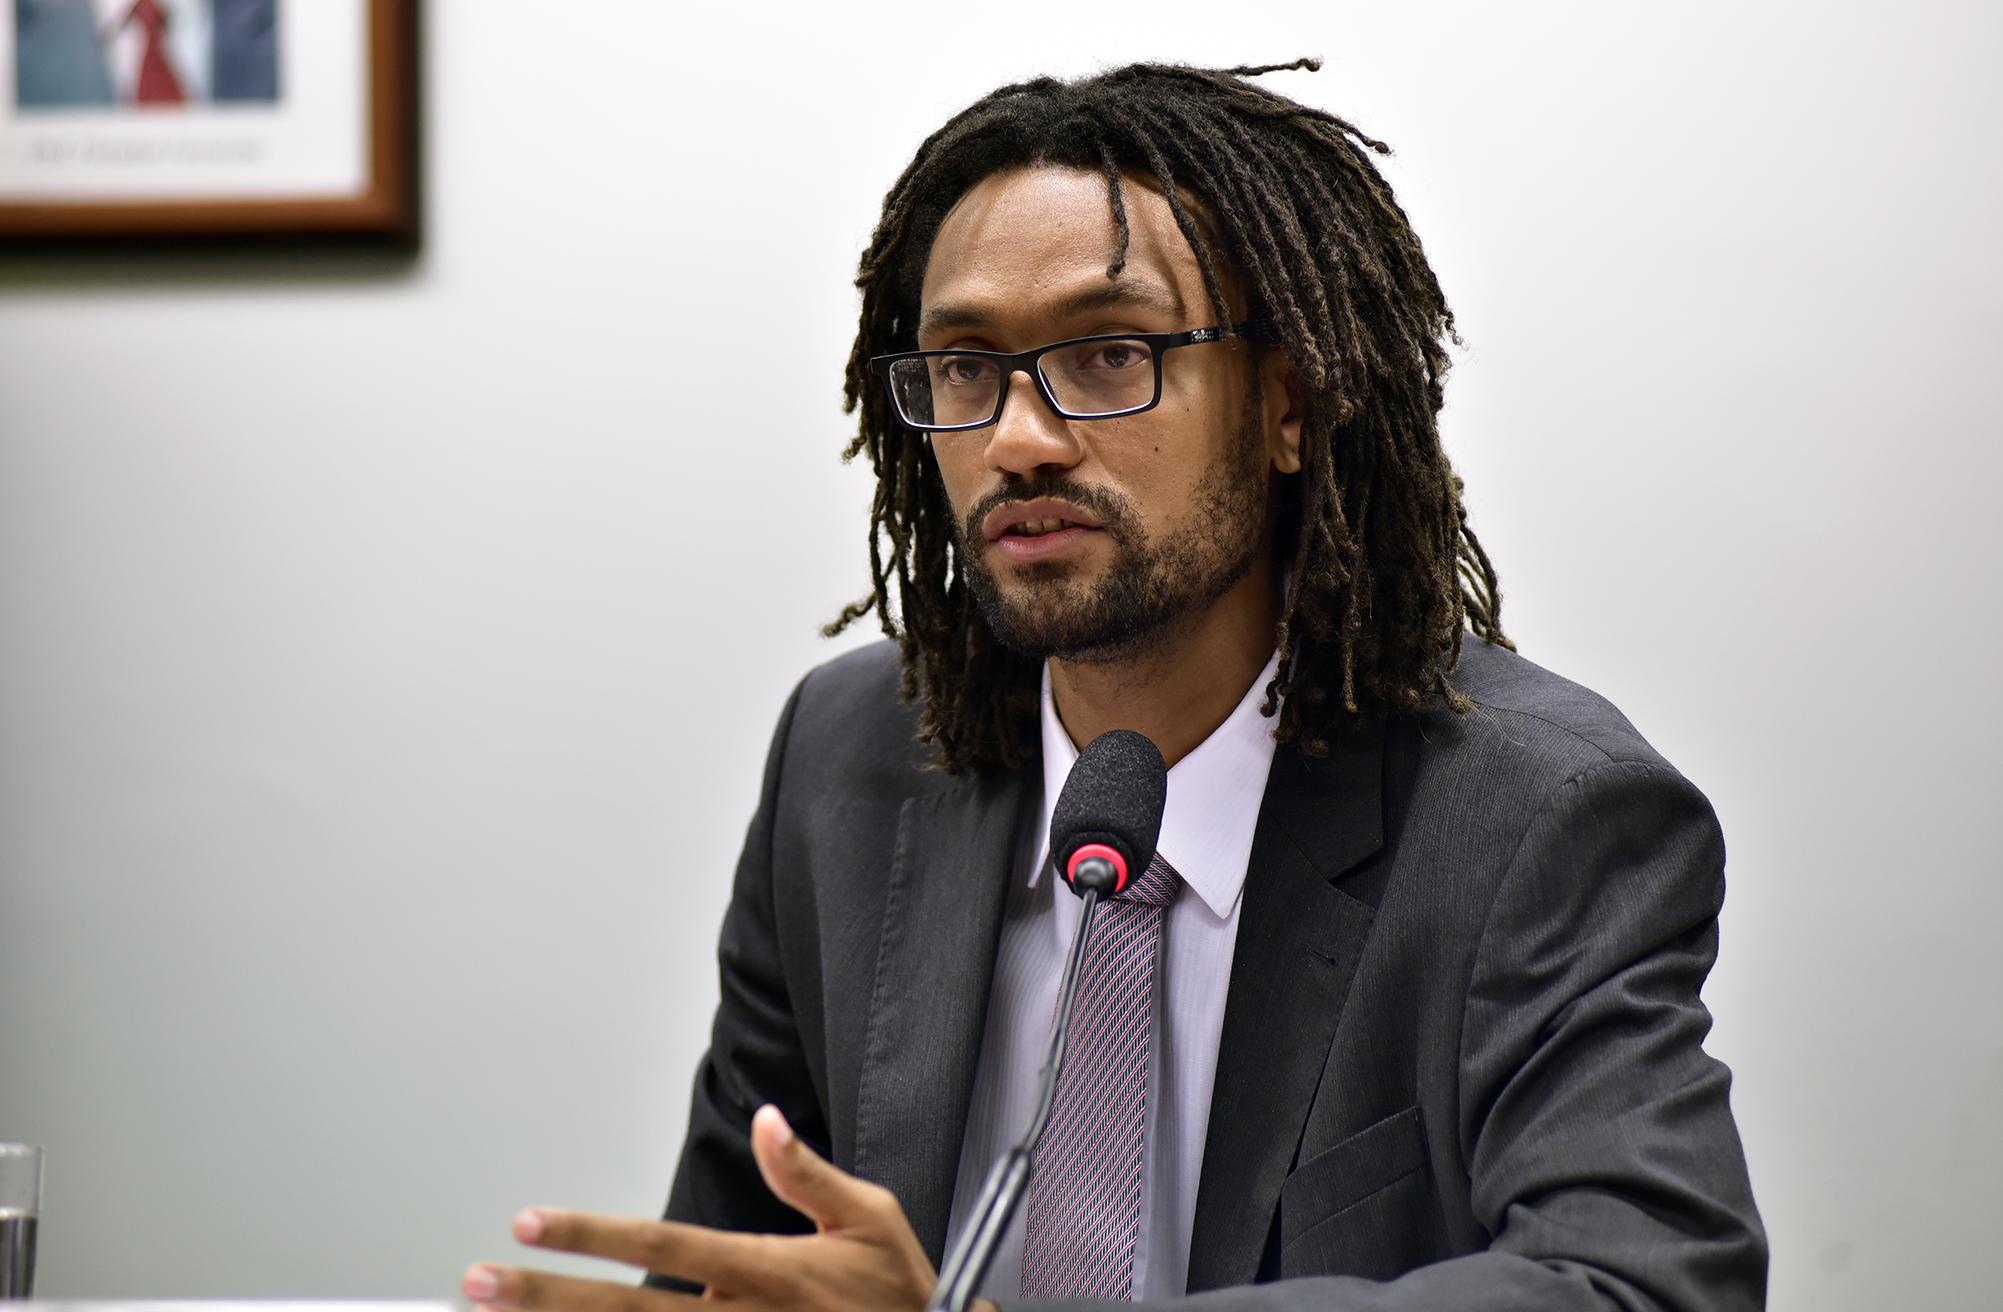 Audiência Pública e Reunião Ordinária. Secretário de Assuntos Legislativos do Ministério da Justiça, Gabriel Sampaio